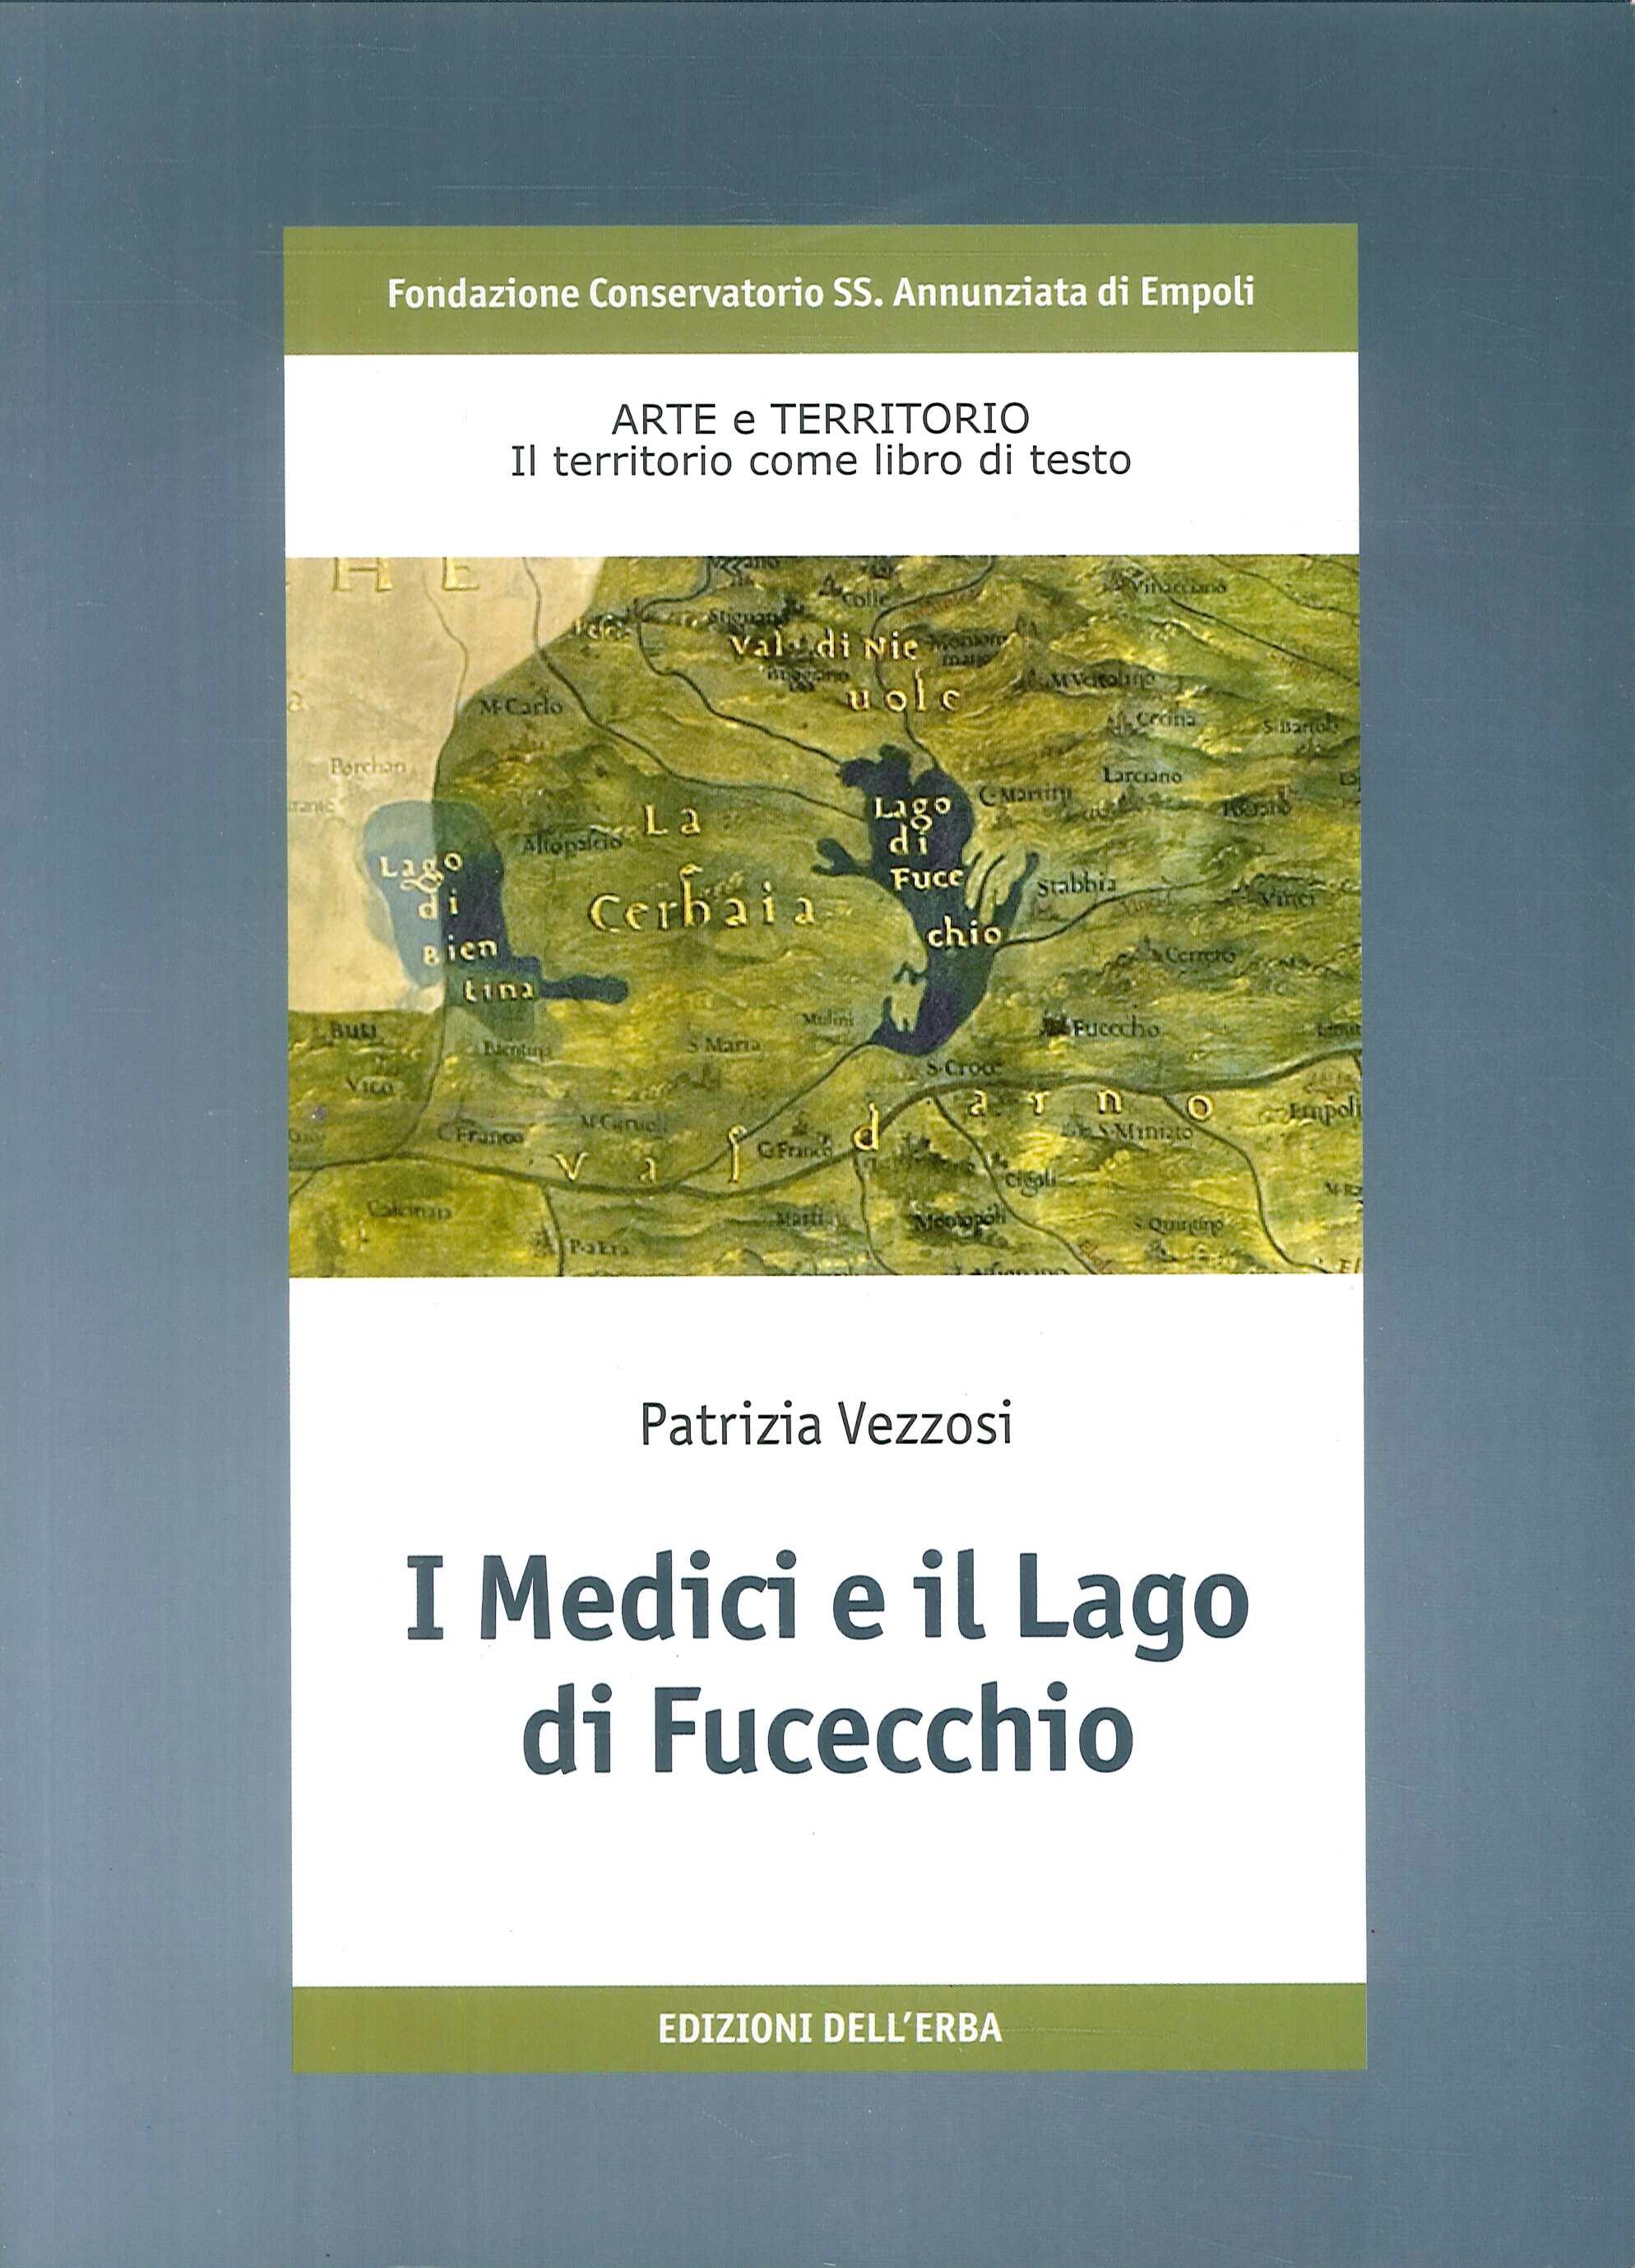 I Medici e il Lago di Fucecchio